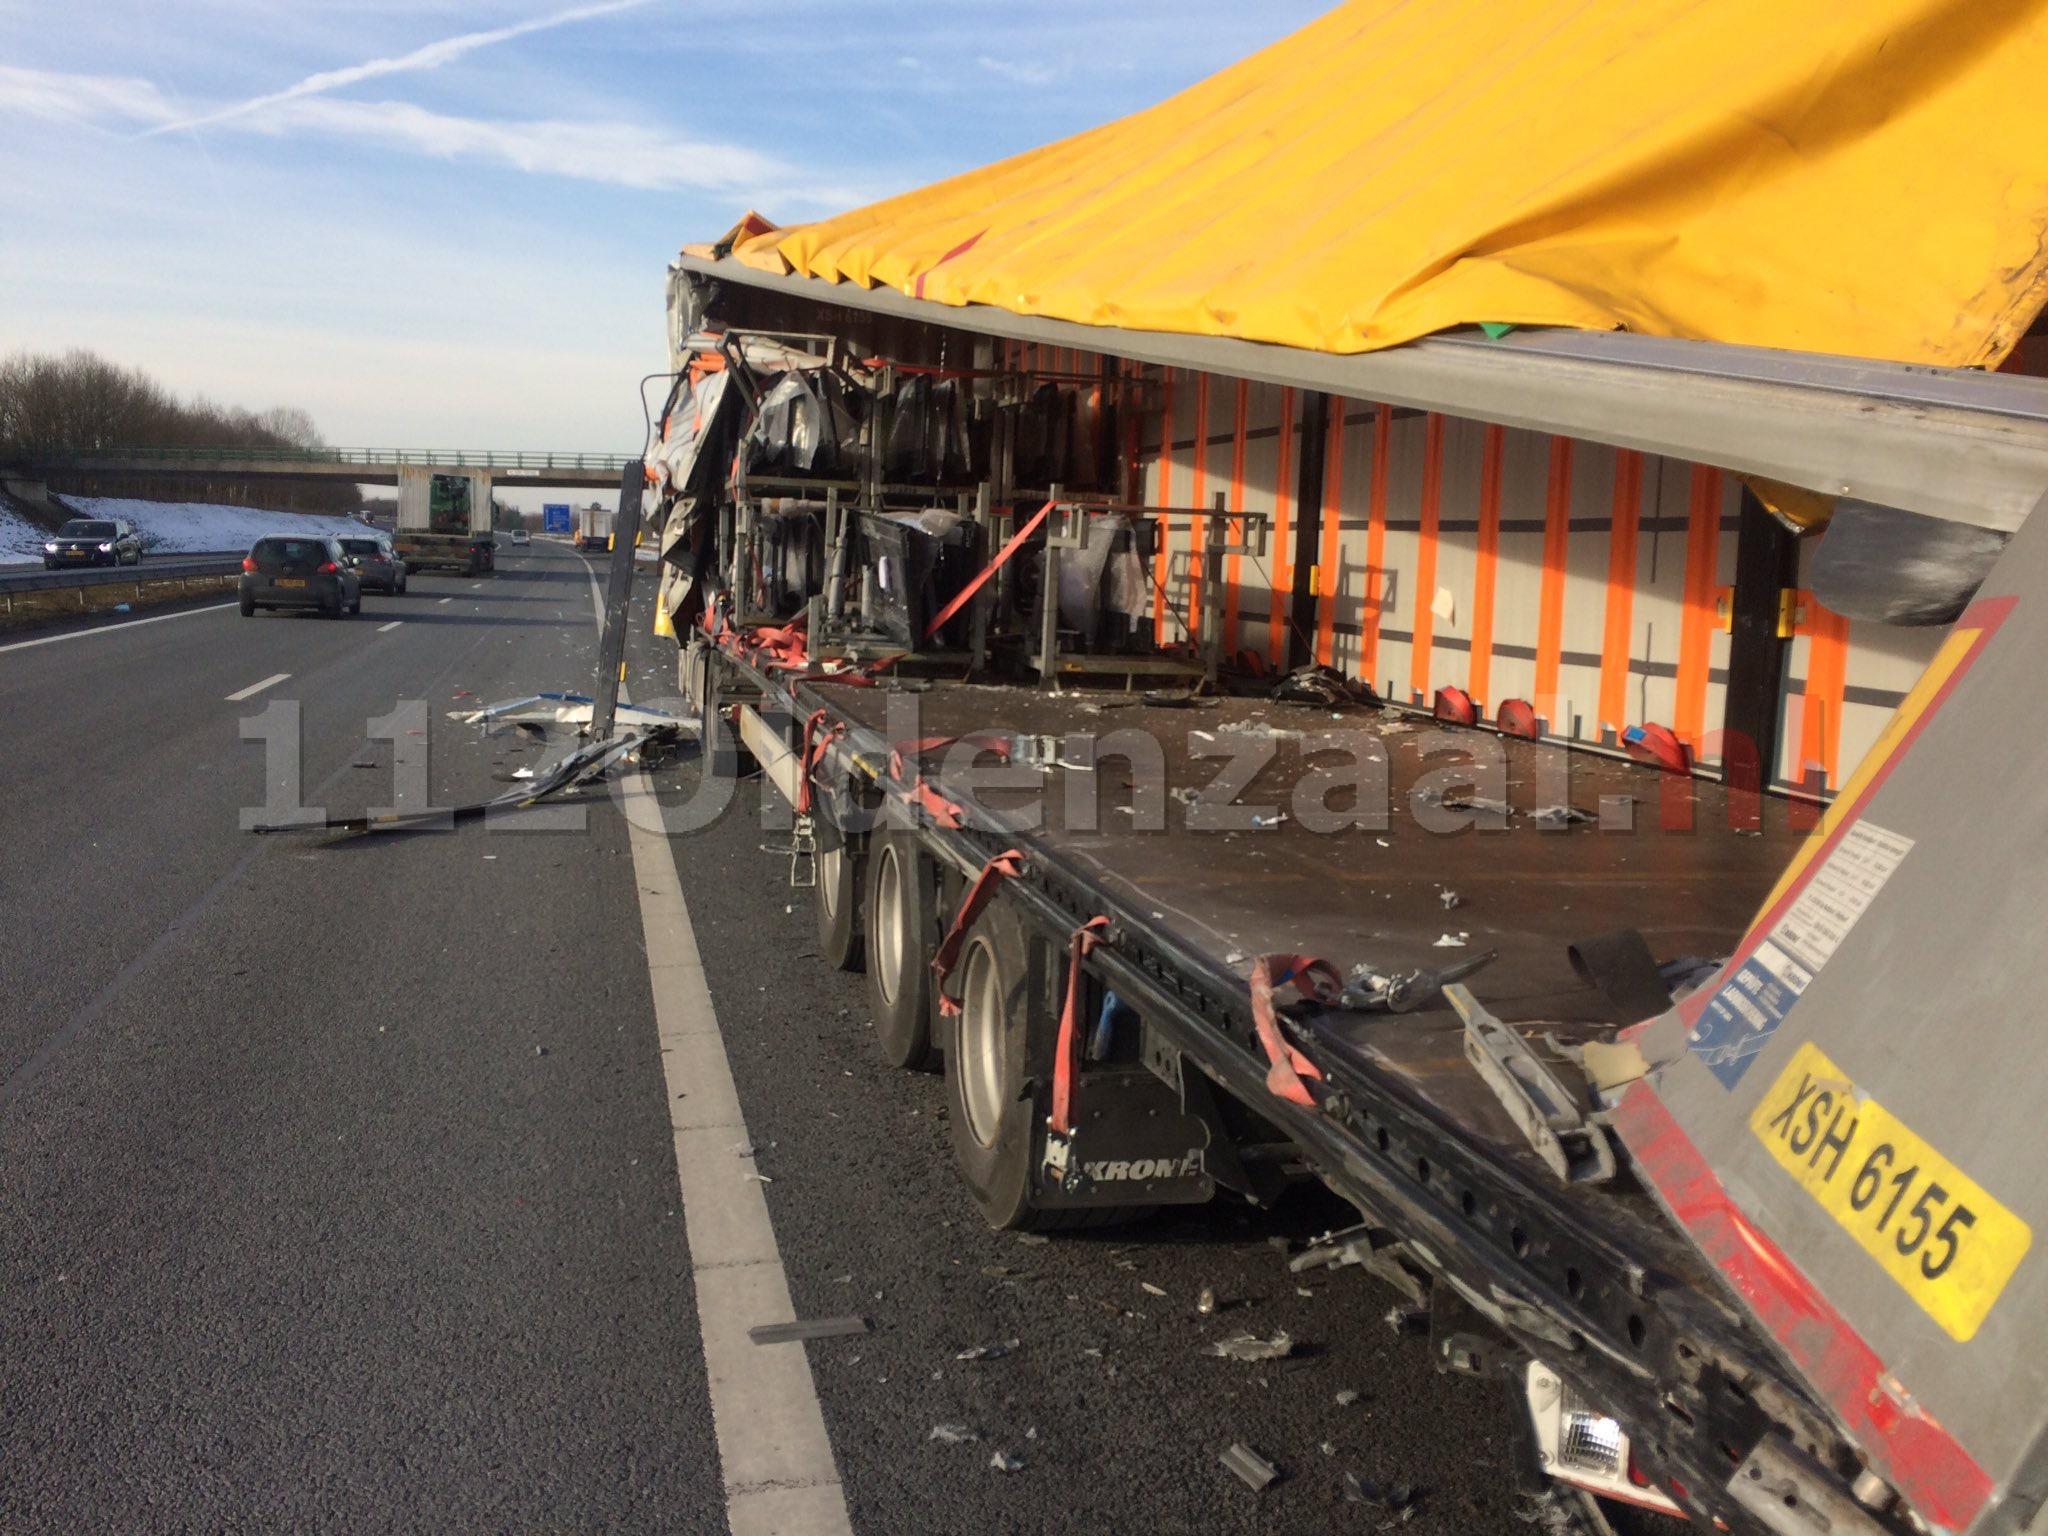 Foto: Vrachtwagen loopt schade op bij ongeval op de A1 bij Oldenzaal